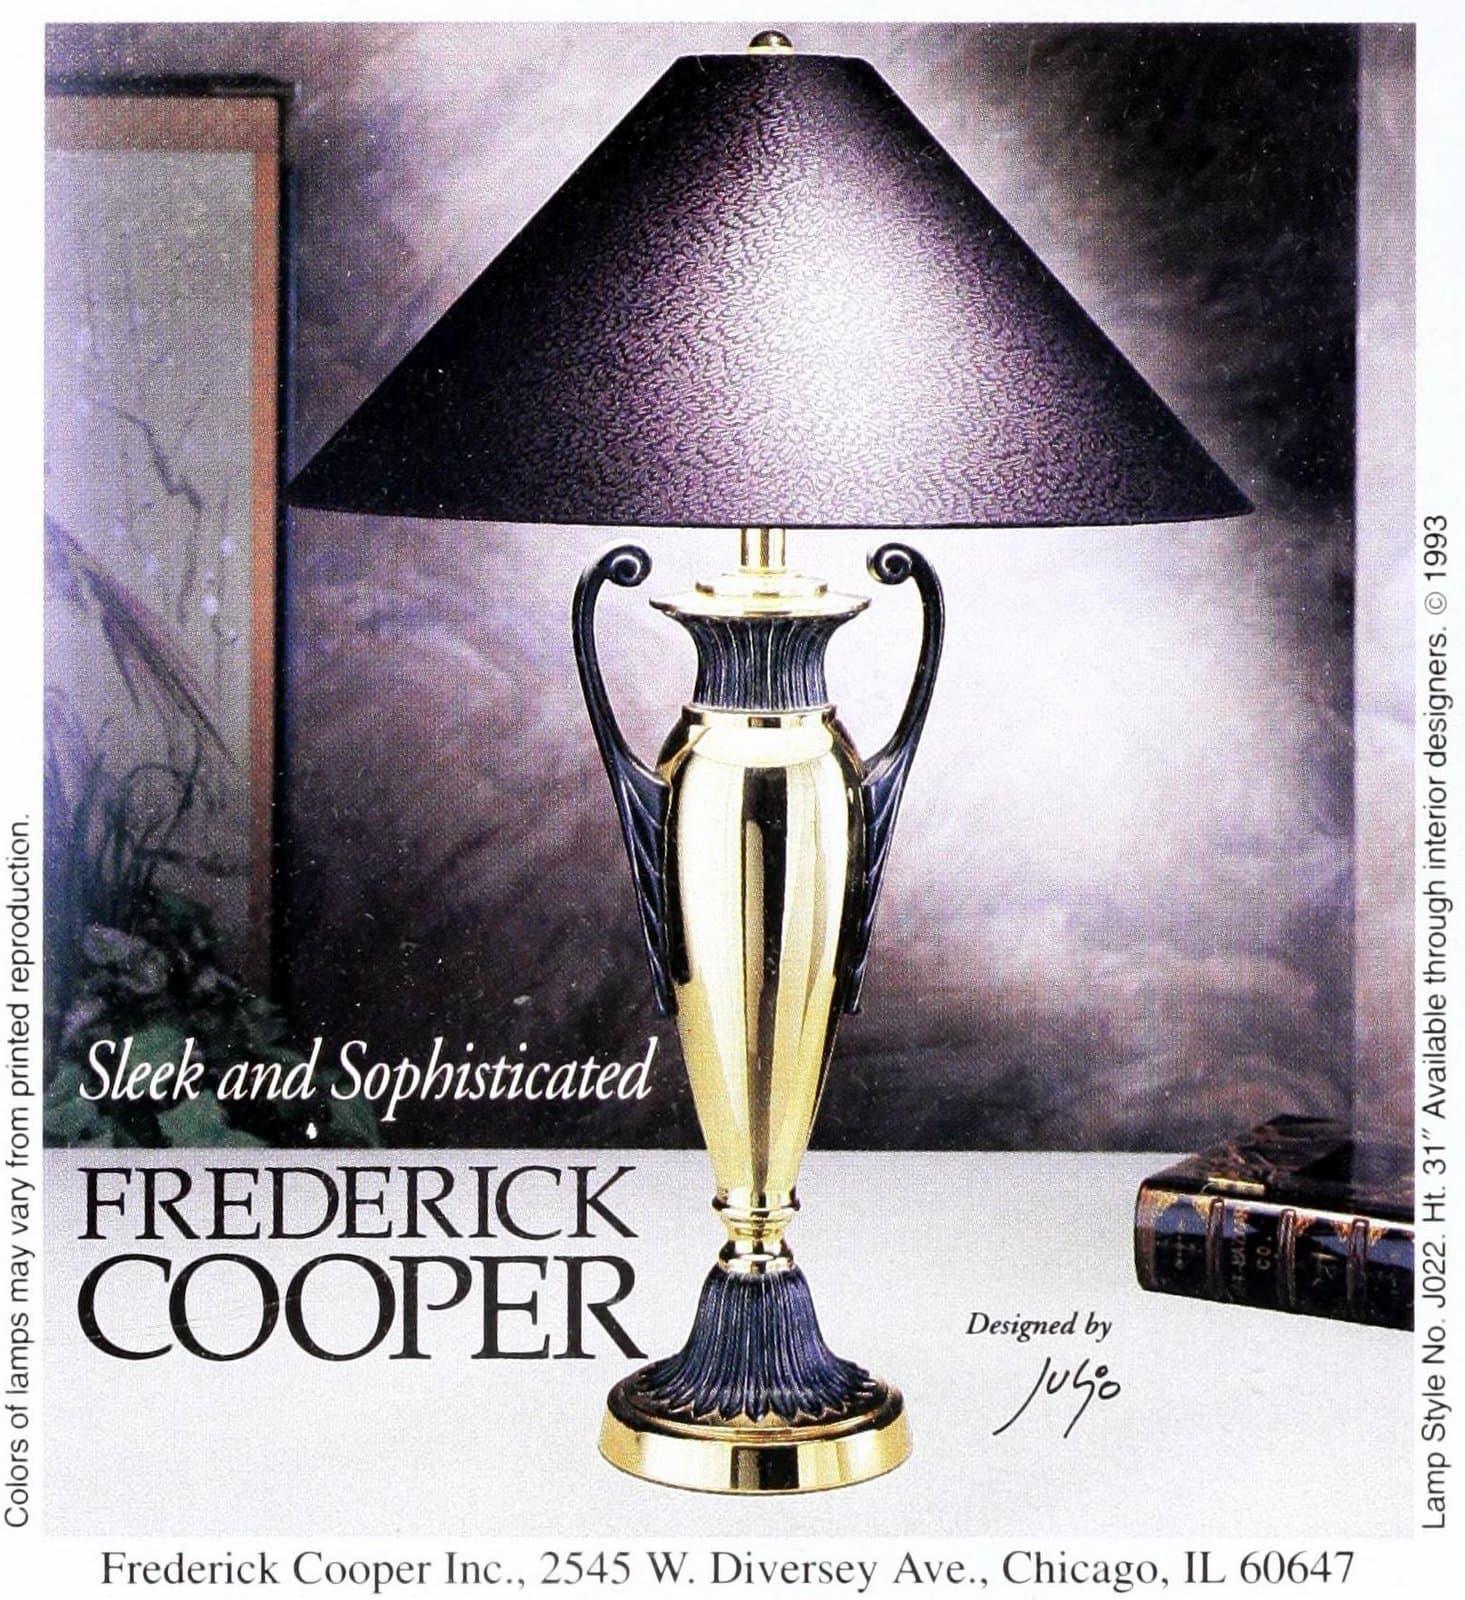 Vintage Frederick Cooper metal art nouveau table lamp (1993)